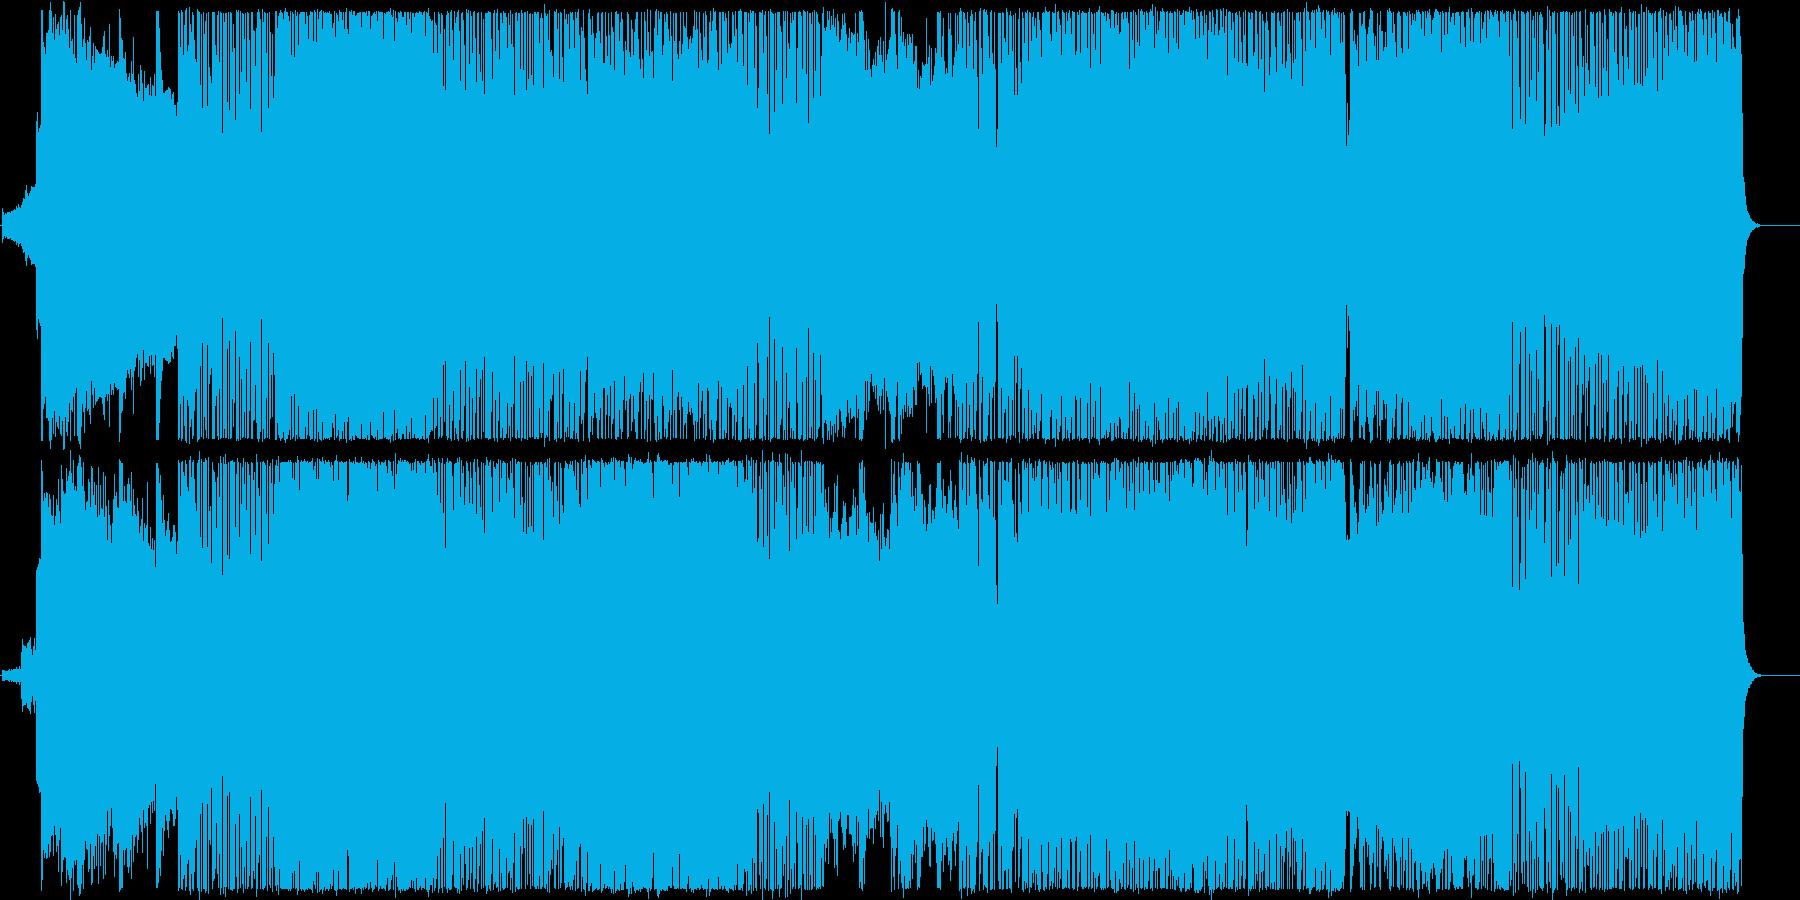 ハードなエッジの効いたギターの曲の再生済みの波形